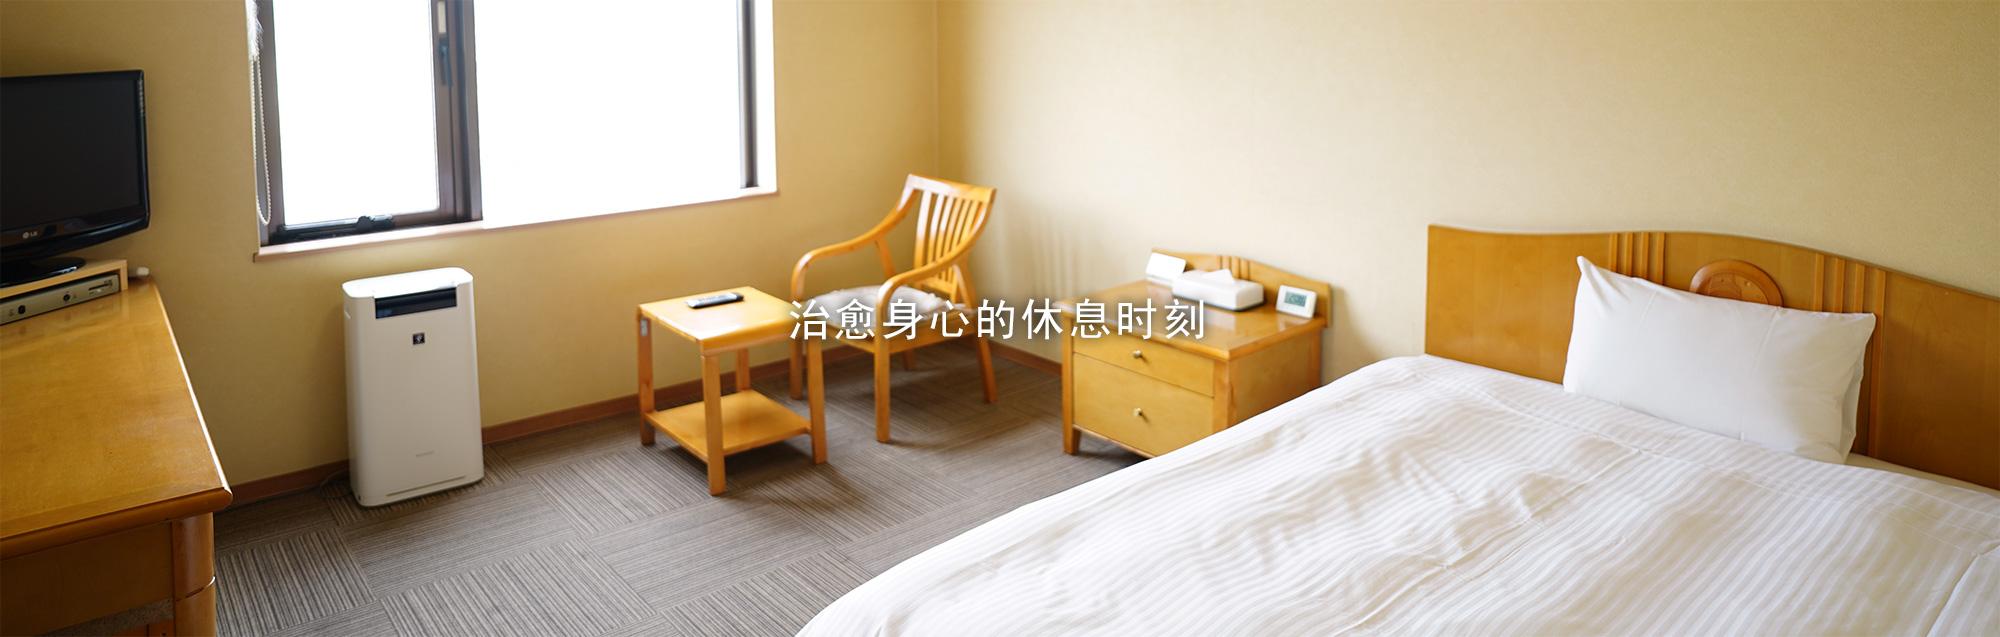 天然温泉酒店 凤乃舞 音更 客房